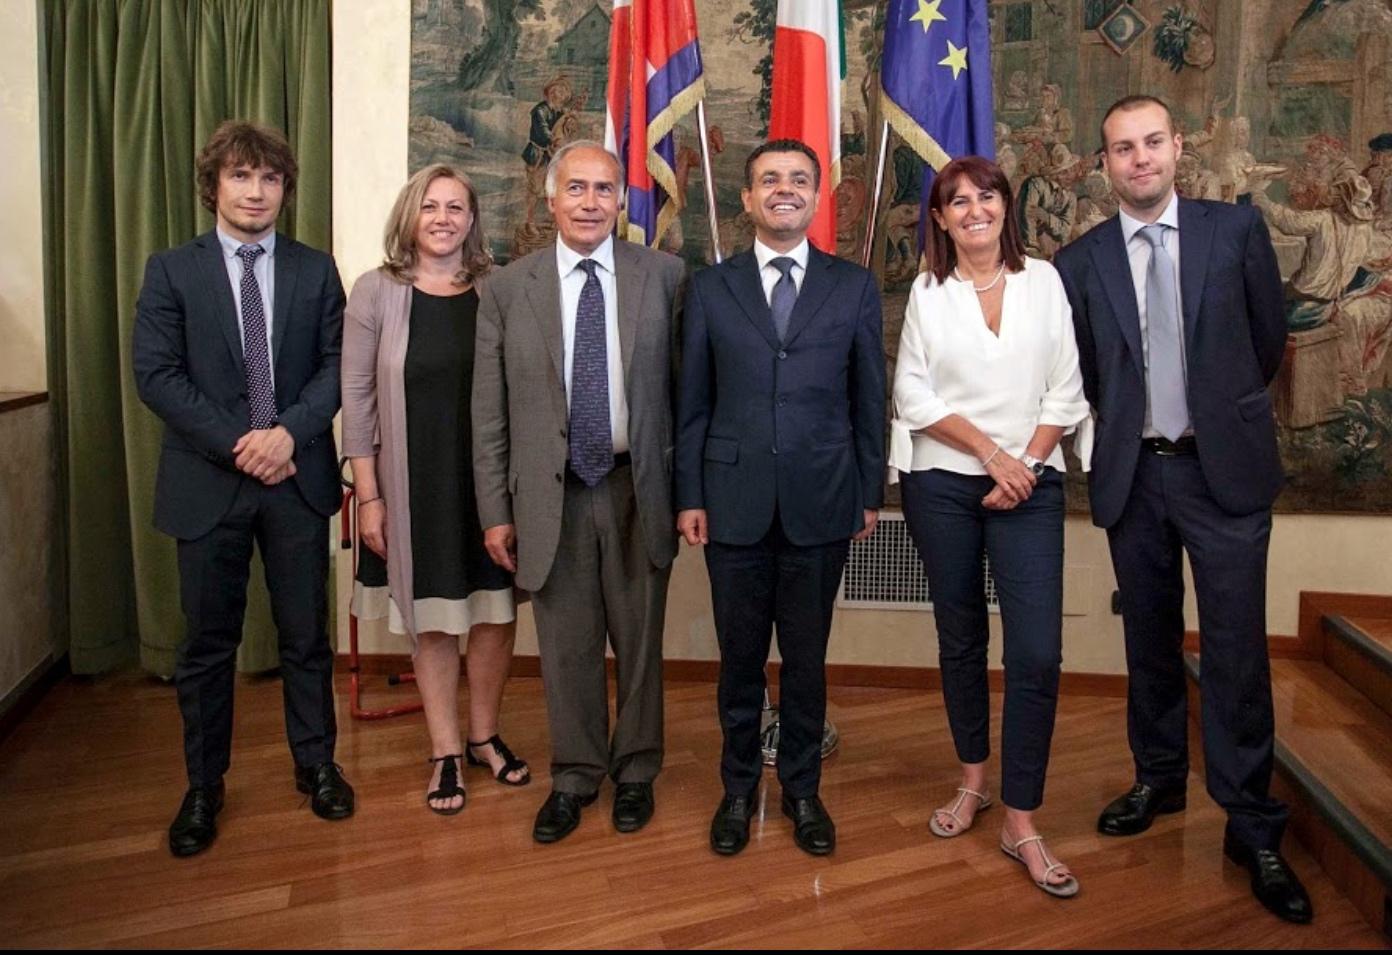 Alessandro benvenuto alessandro benvenuto for Ufficio presidenza